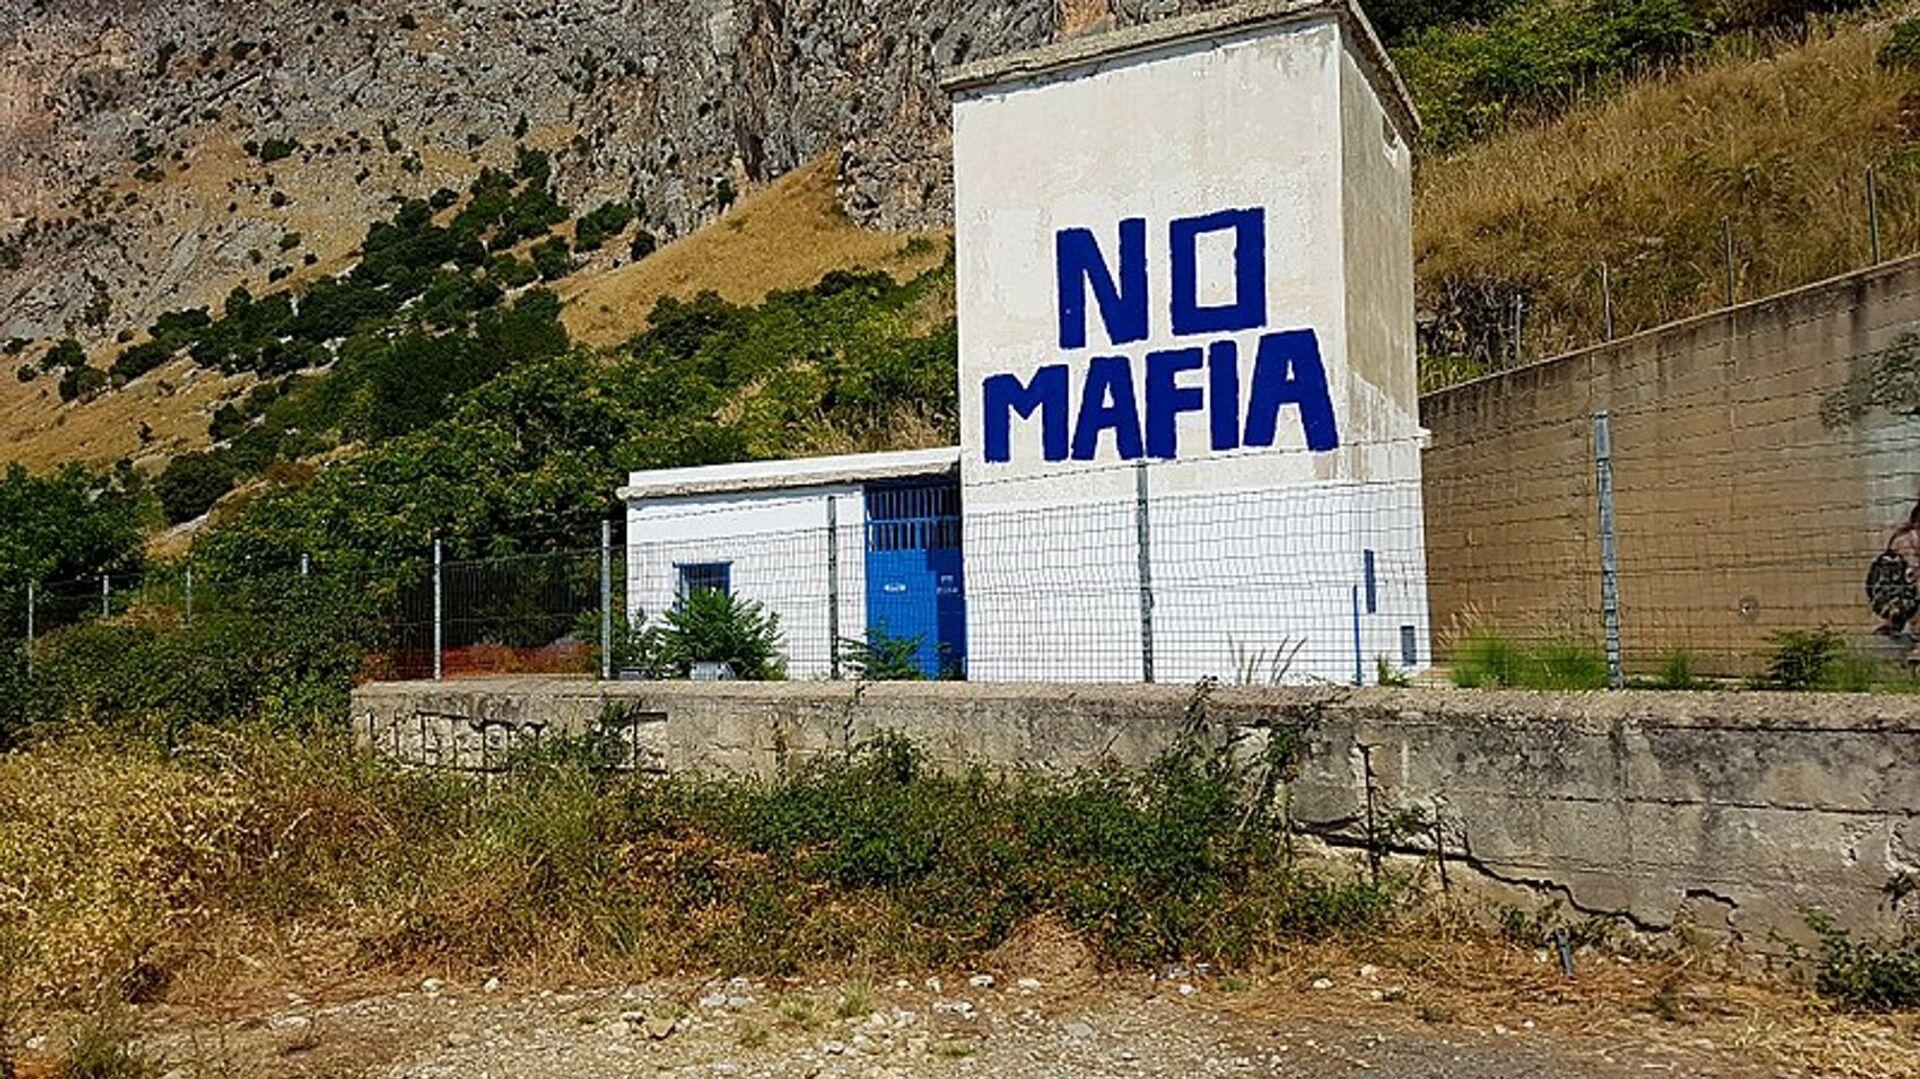 Un murales contro la mafia nel luogo dove il 23 maggio 1992 venne azionato l'ordigno che fece saltare in aria l'auto su cui viaggiava il giudice Giovanni Falcone  - Sputnik Italia, 1920, 23.09.2021